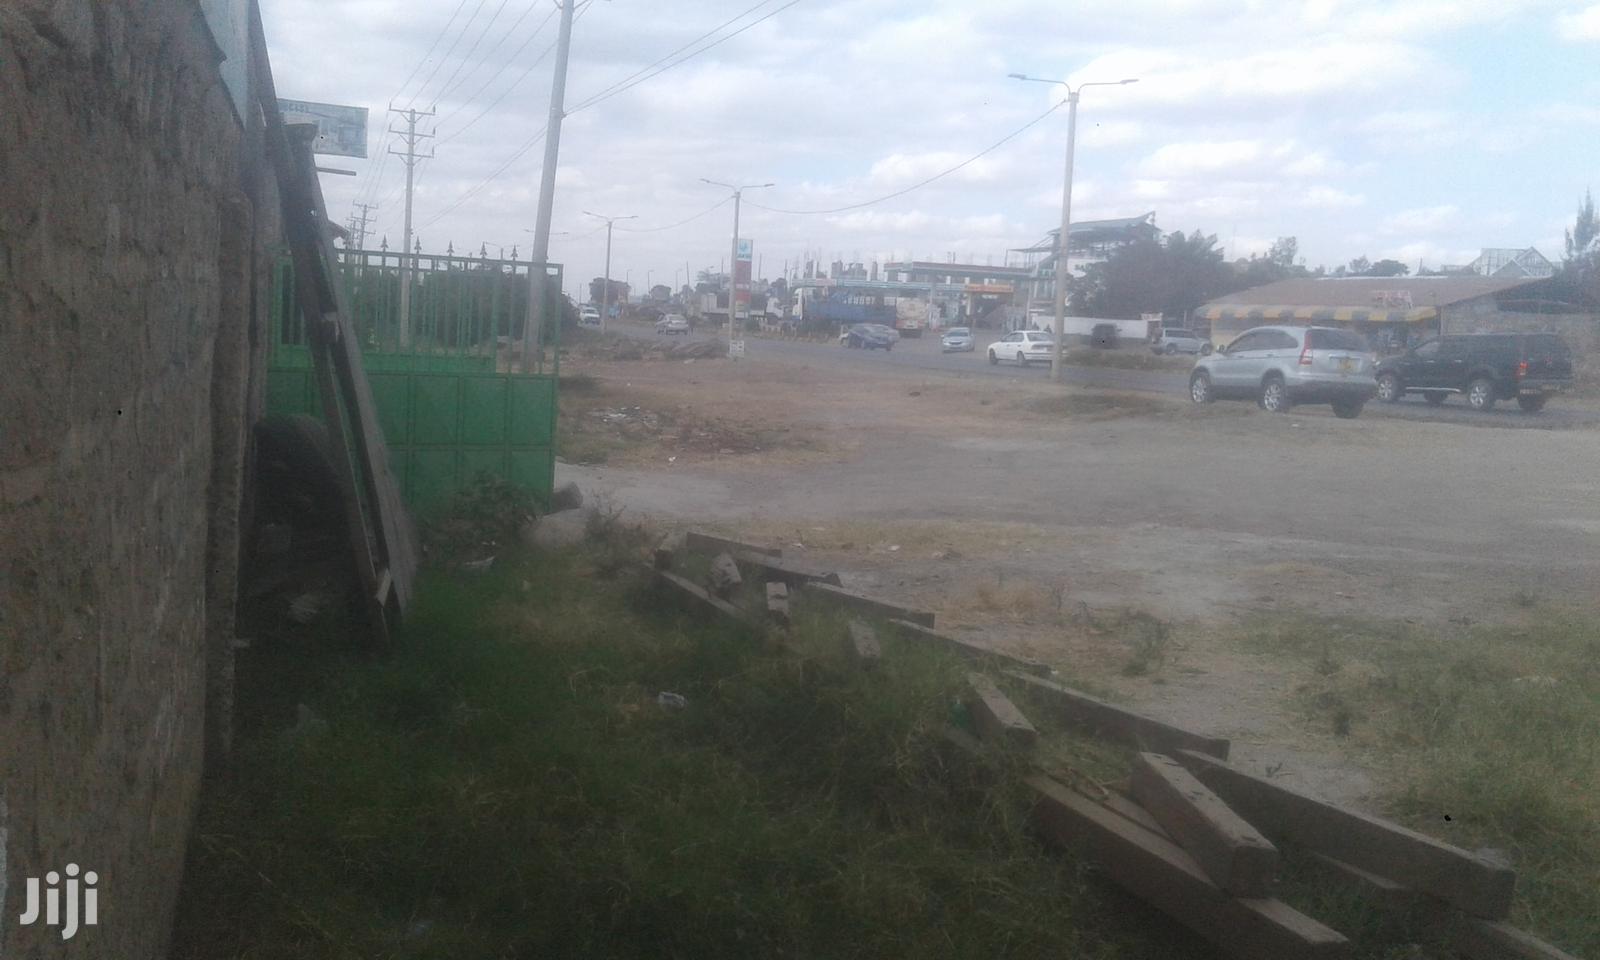 Yard To Let   Land & Plots for Rent for sale in Embakasi, Nairobi, Kenya